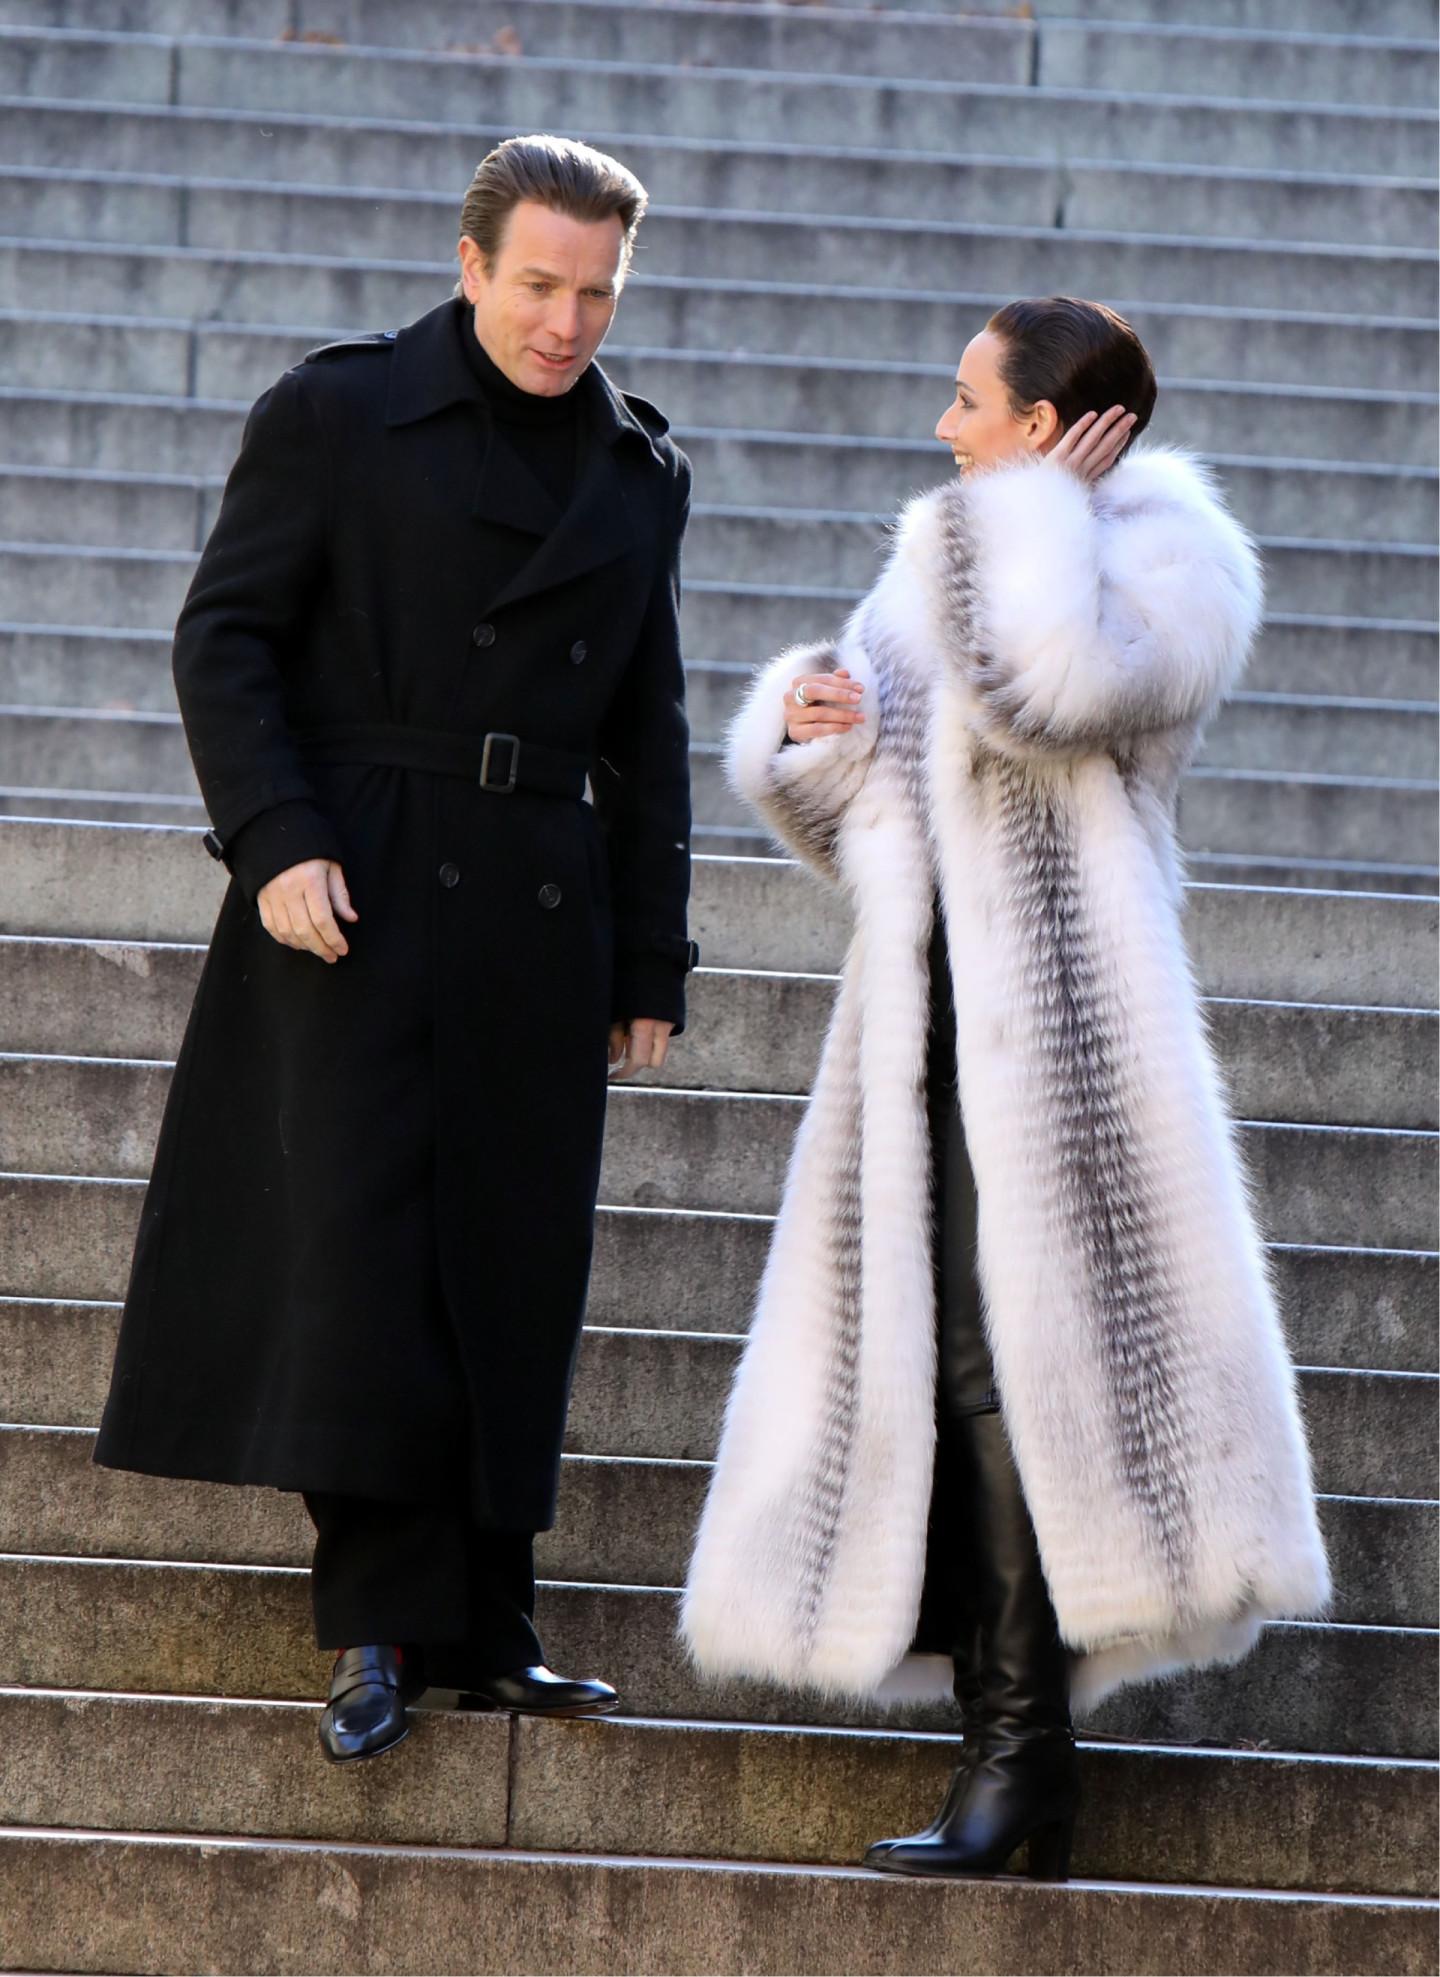 Юэн Макгрегор в роли Роя Холстона и Ребекка Дайан в роли Эльзы Перетти, мини-сериал «Холстон»